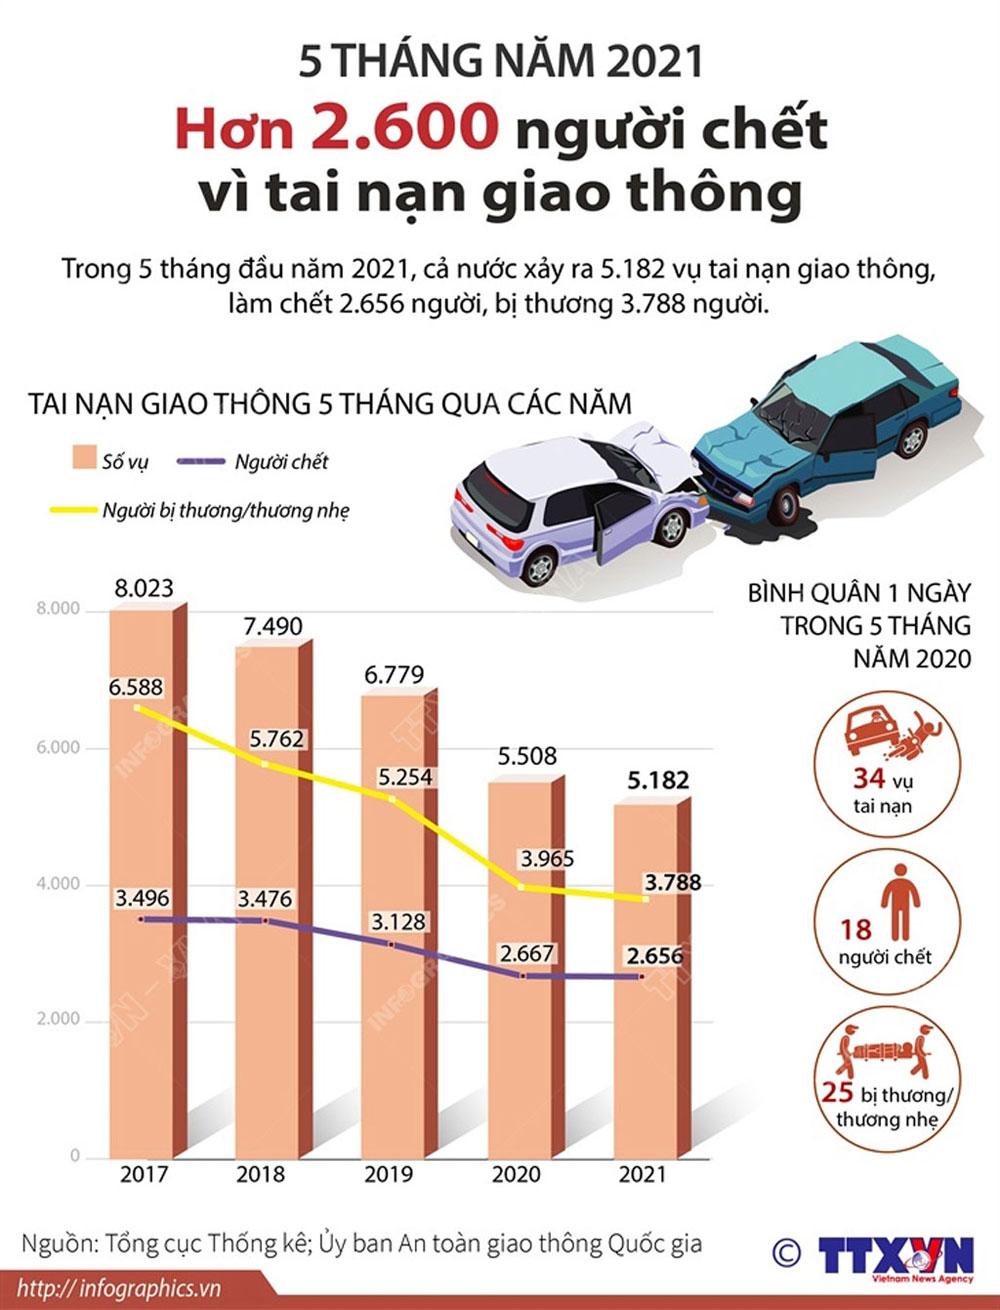 Hơn 2.600 người chết, tai nạn giao thông, 5 tháng đầu năm 2021